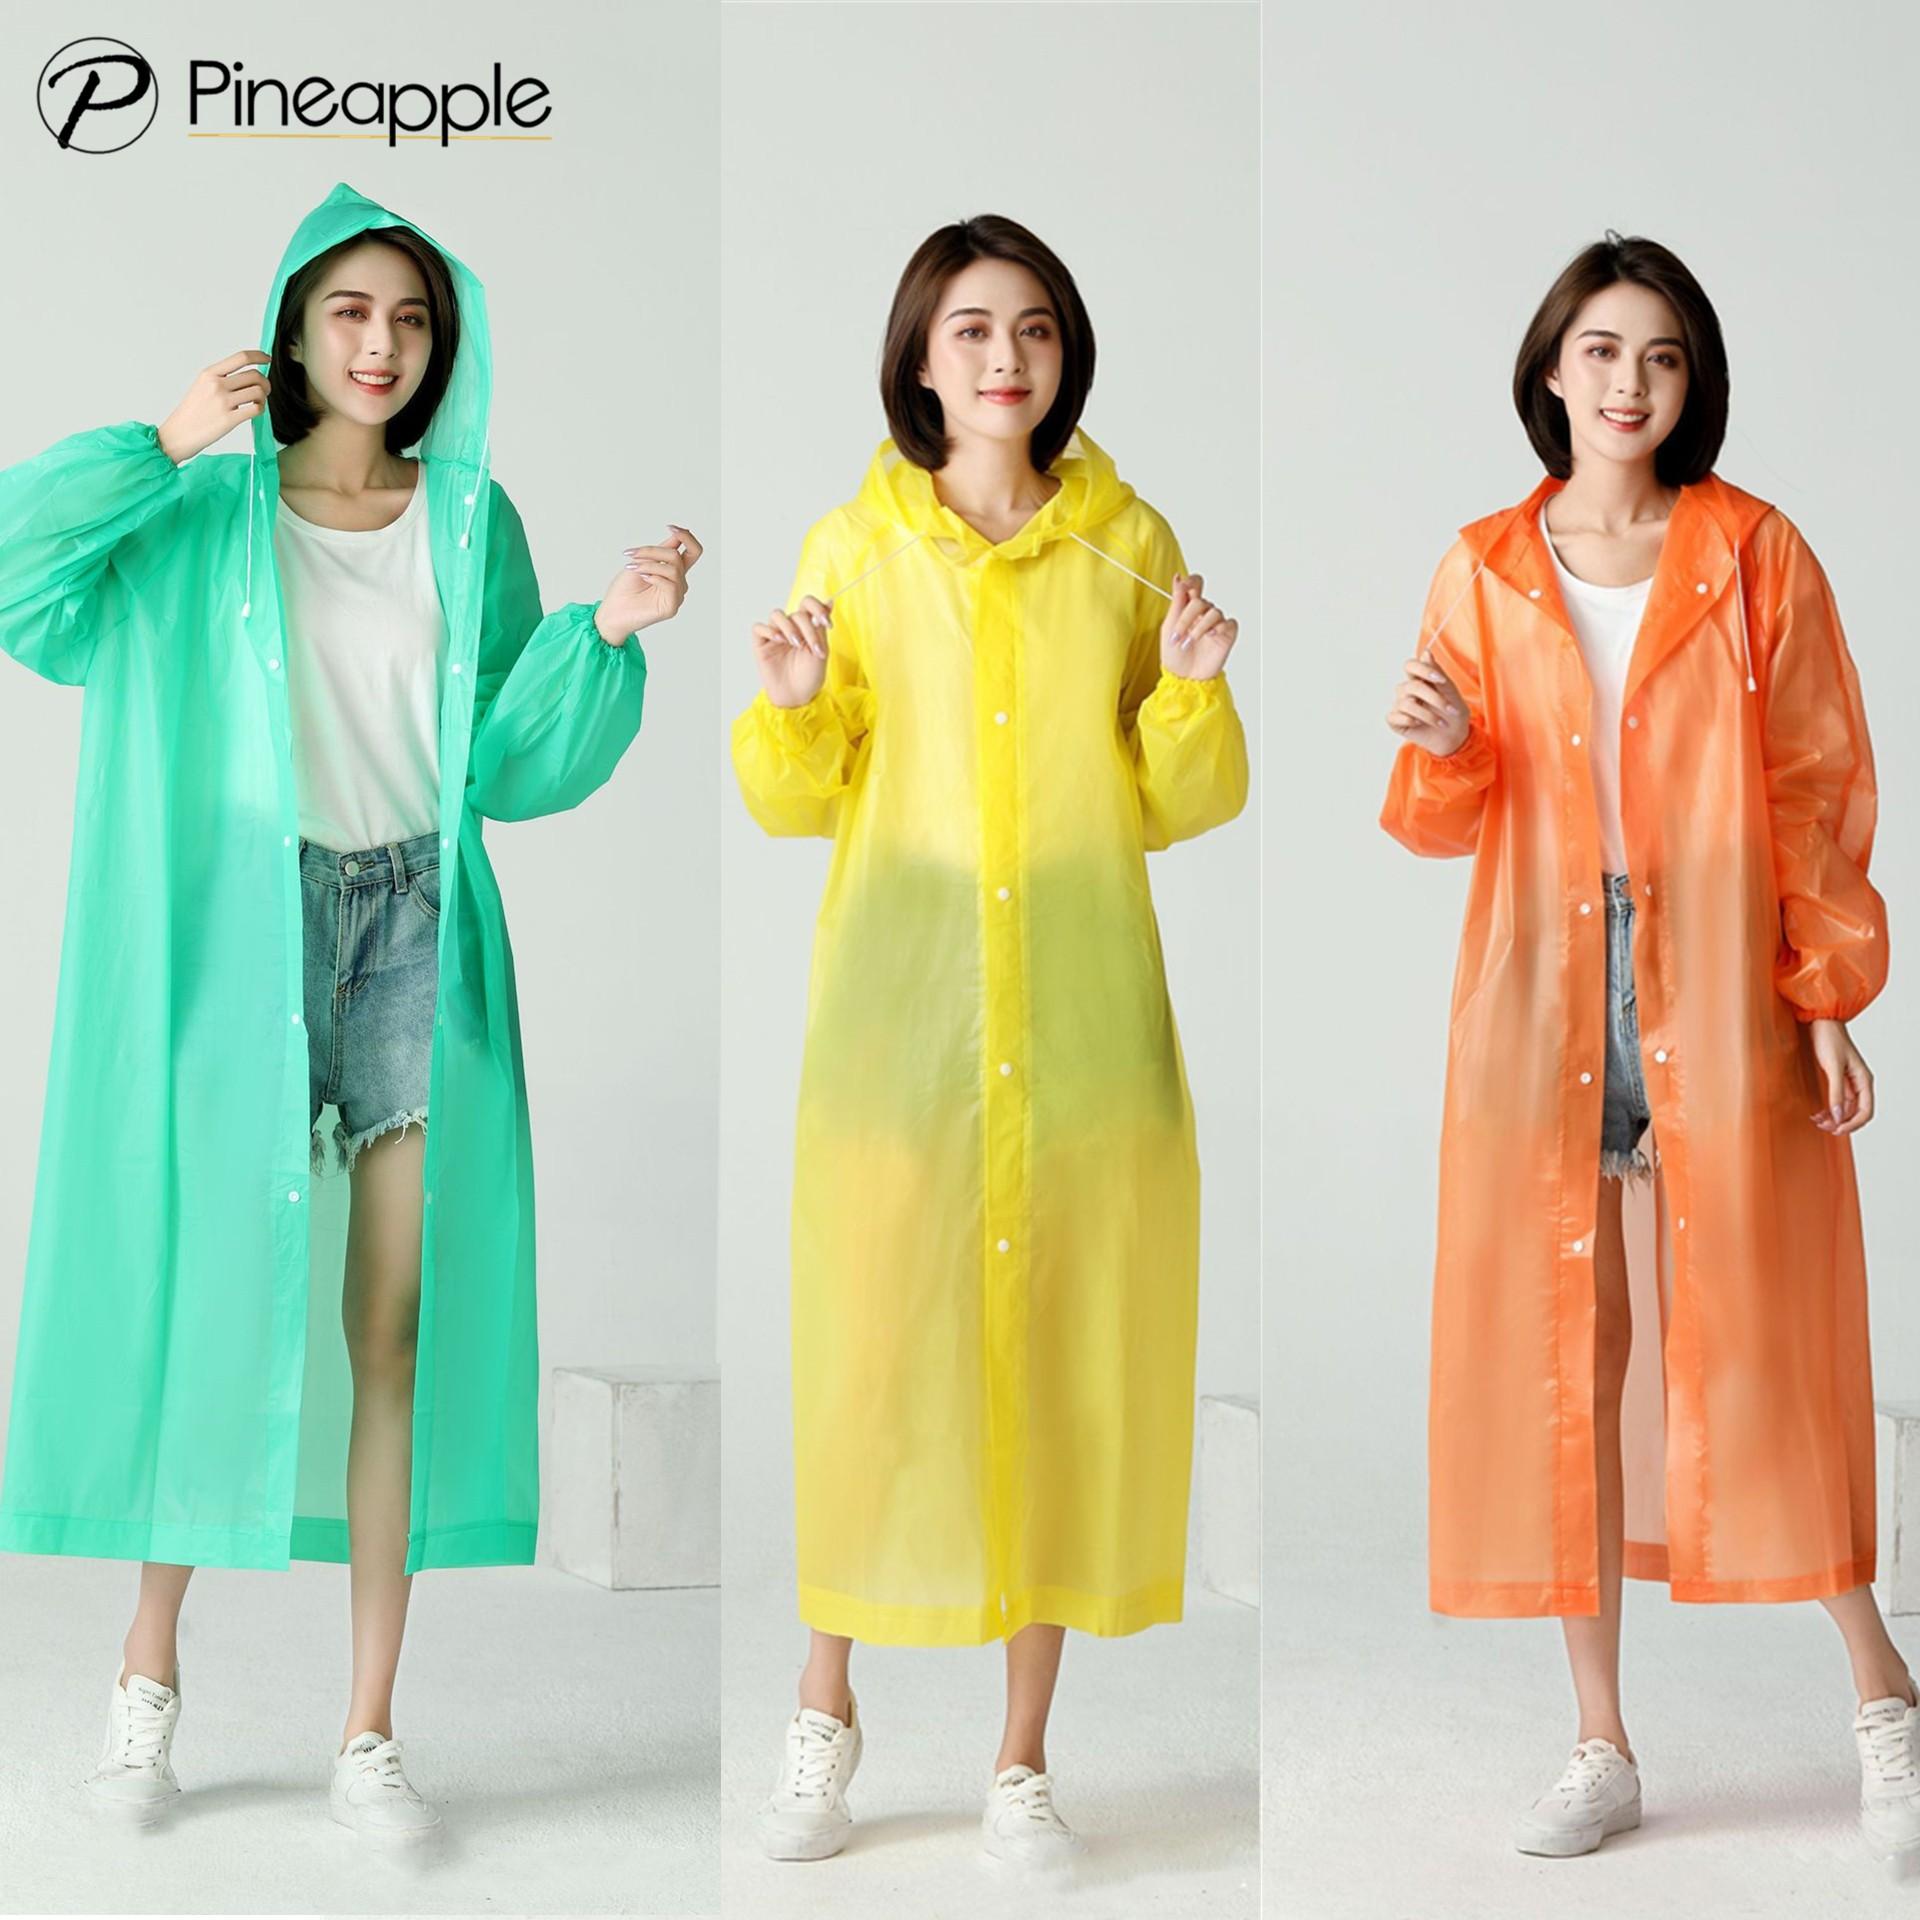 5 เสื้อกันฝนสุดชิคที่ทุกคนต้องร้องว้าว !